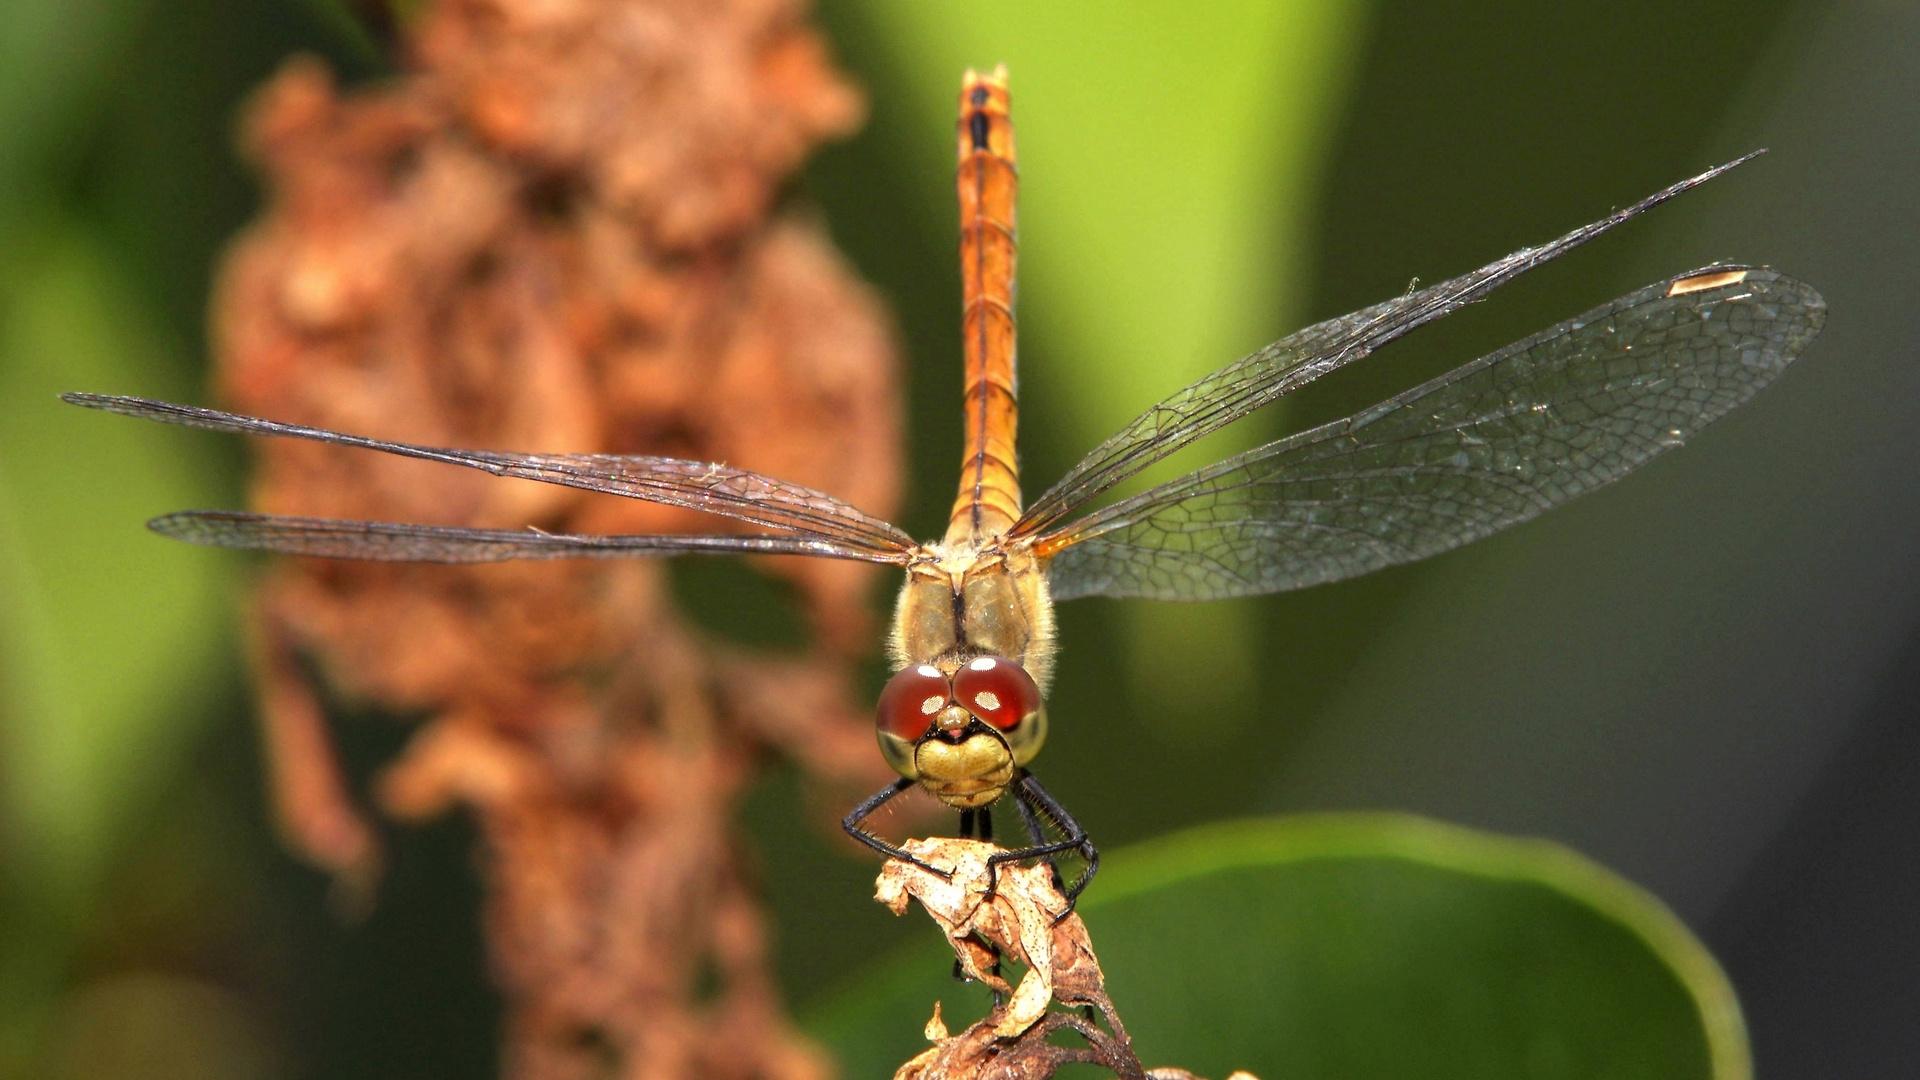 Sympetrum sanguineum female